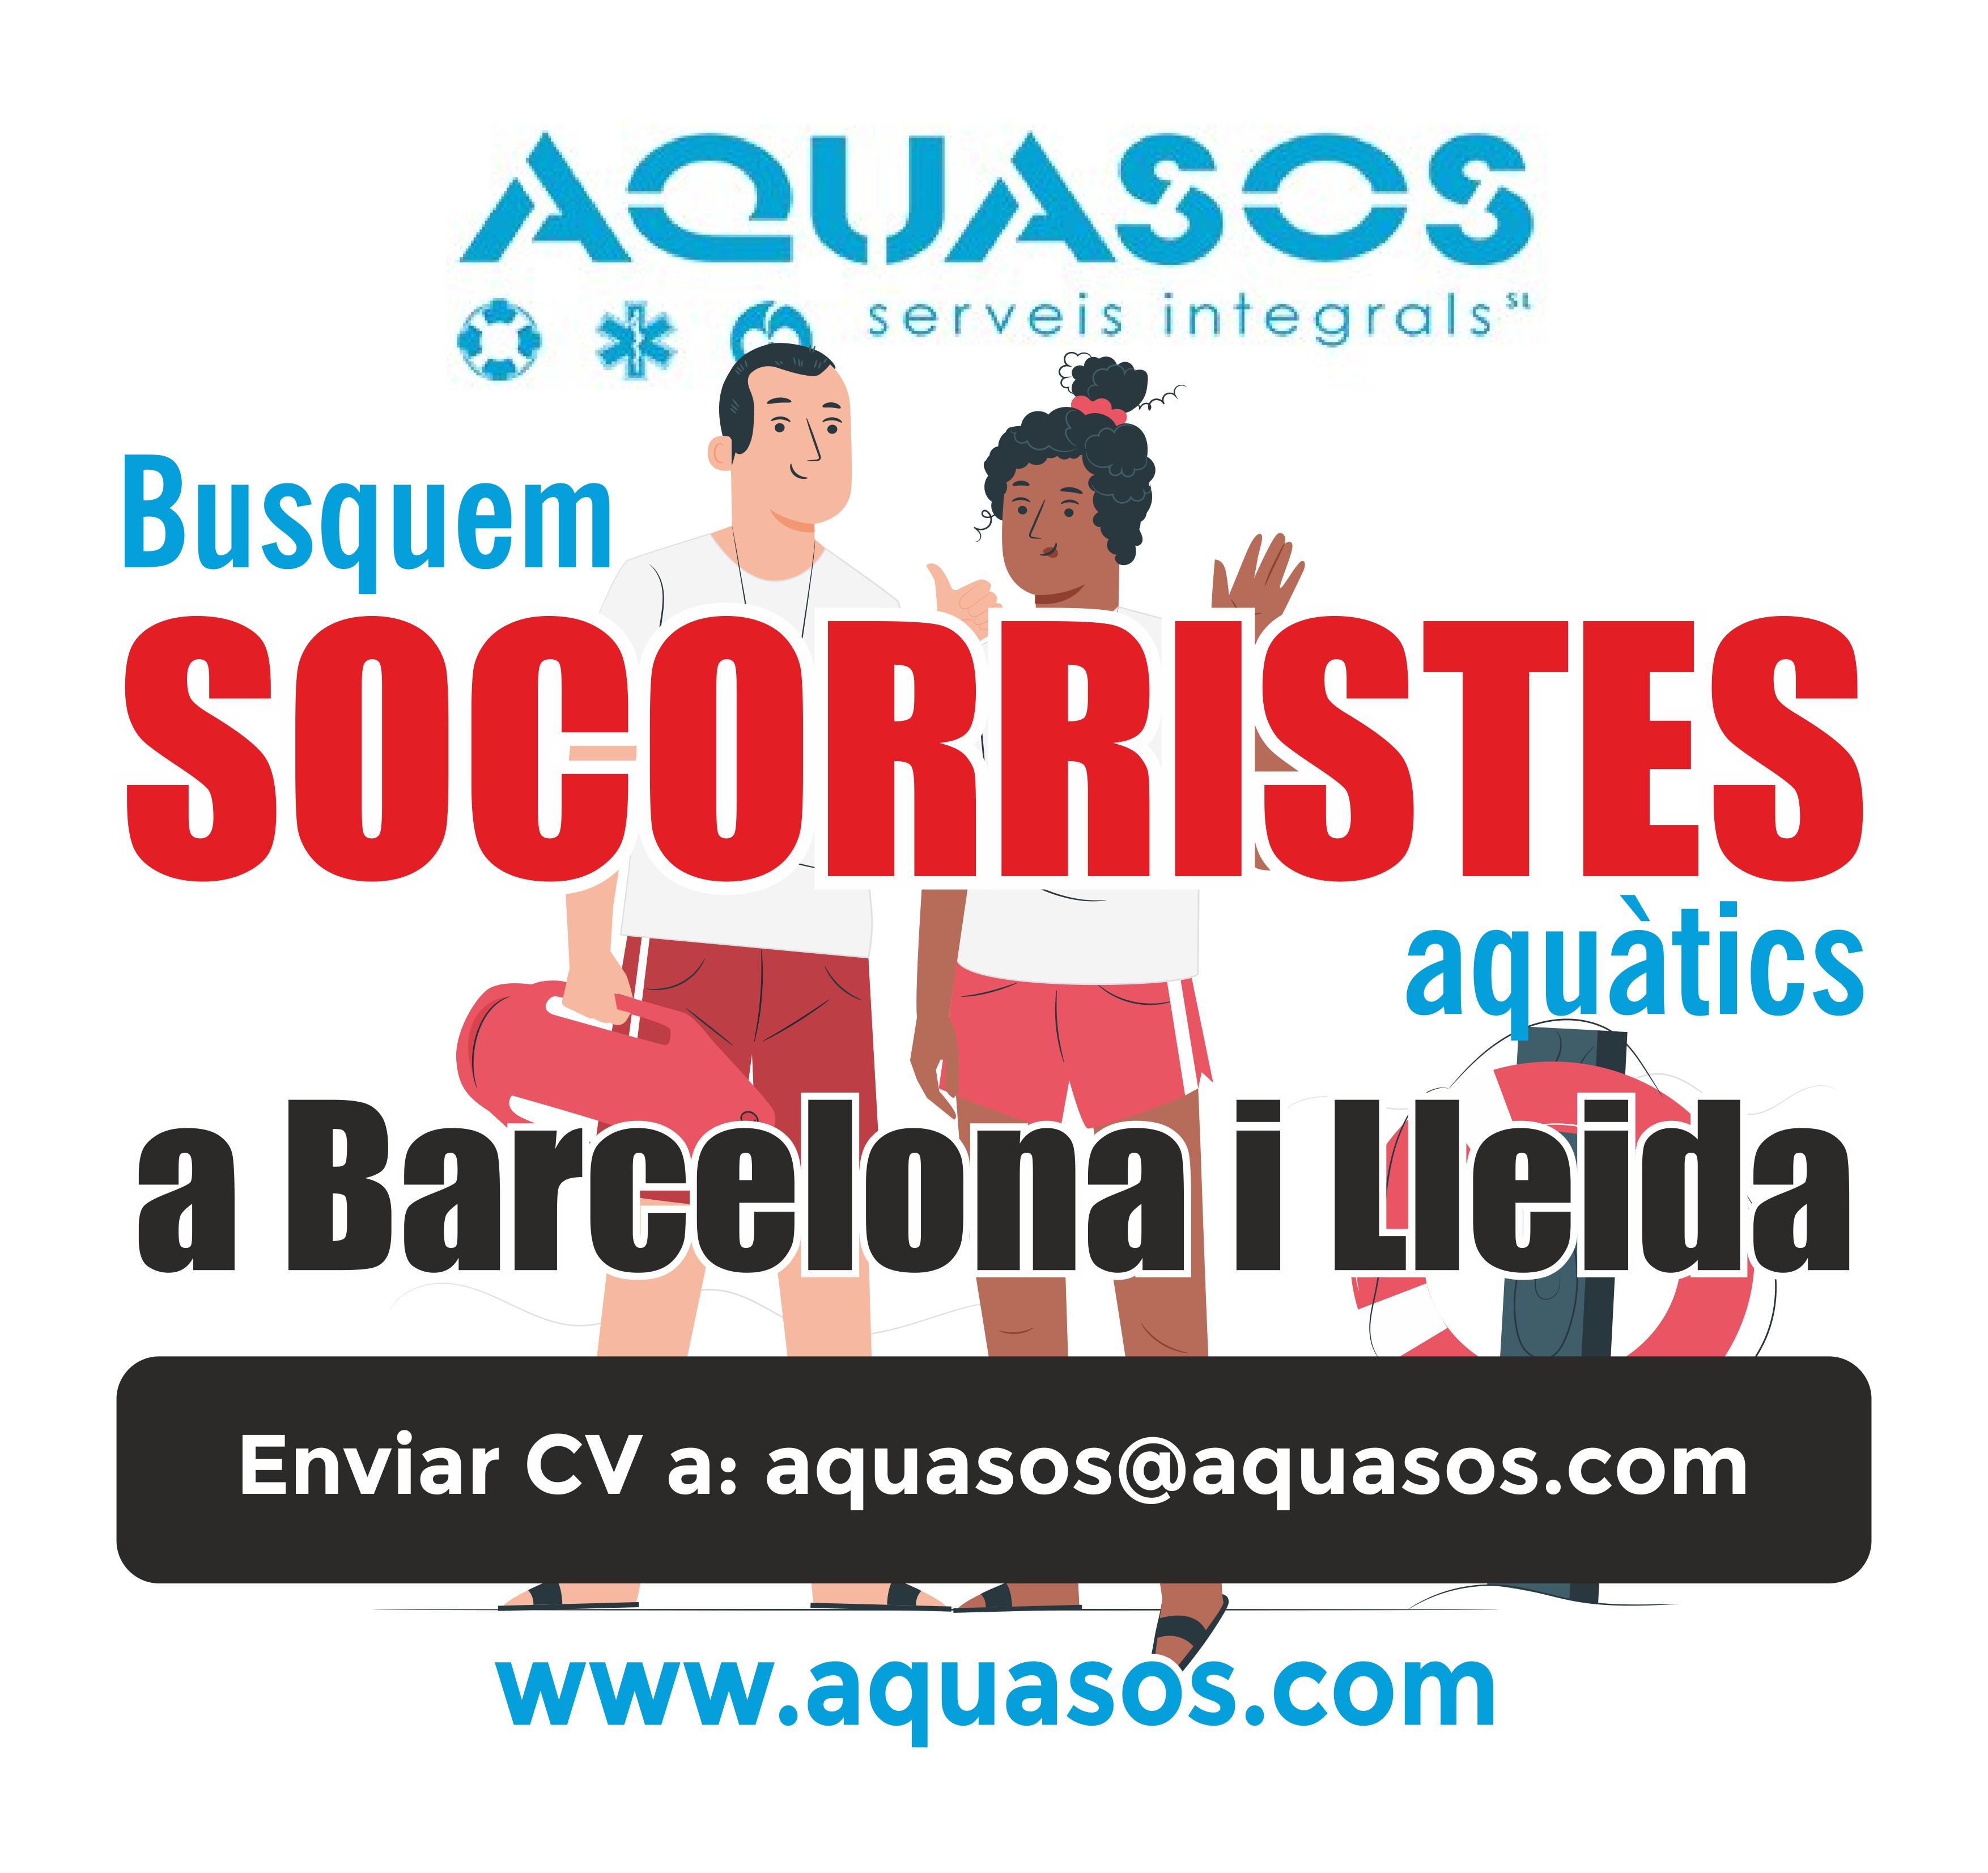 Busquem Socorristes per a les piscines de Barcelona i Lleida